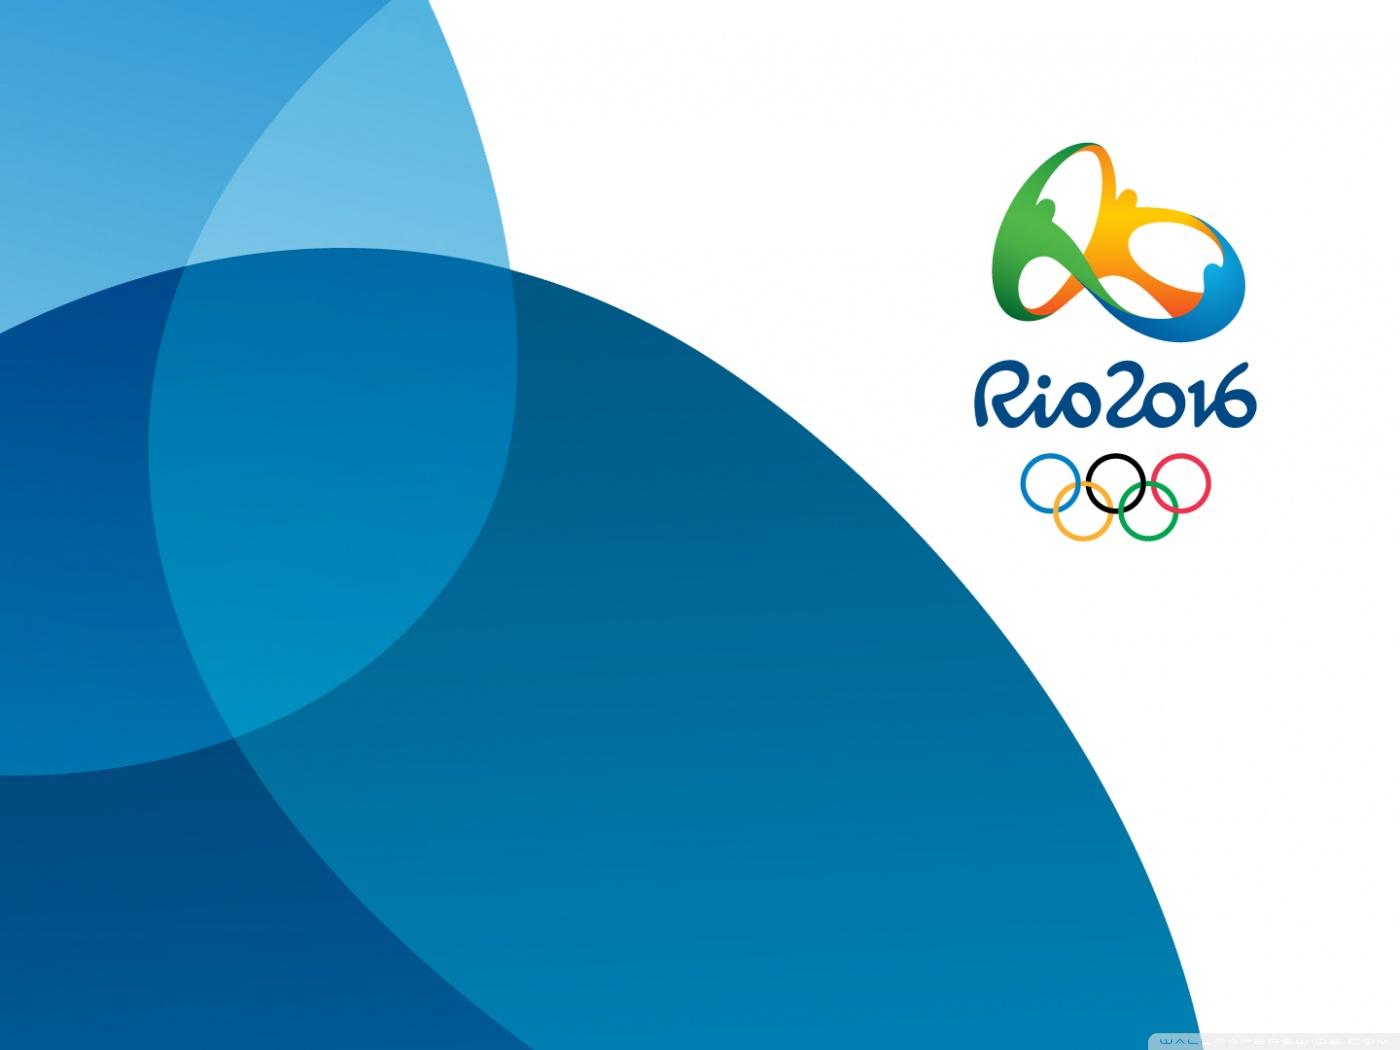 где летняя олимпиада